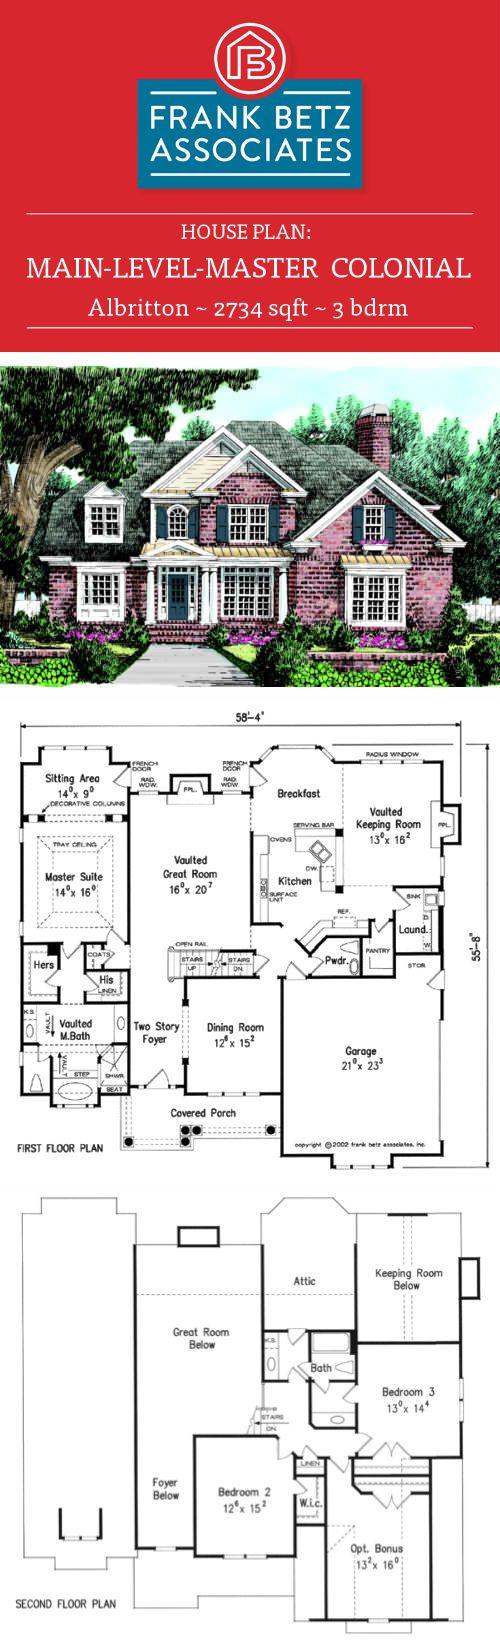 Betz house plans with large kitchen frank house plans designs ideas - Albritton 3734 Sq Ft 3 Bdrm Colonial House Plan Design By Frank Betz Associates